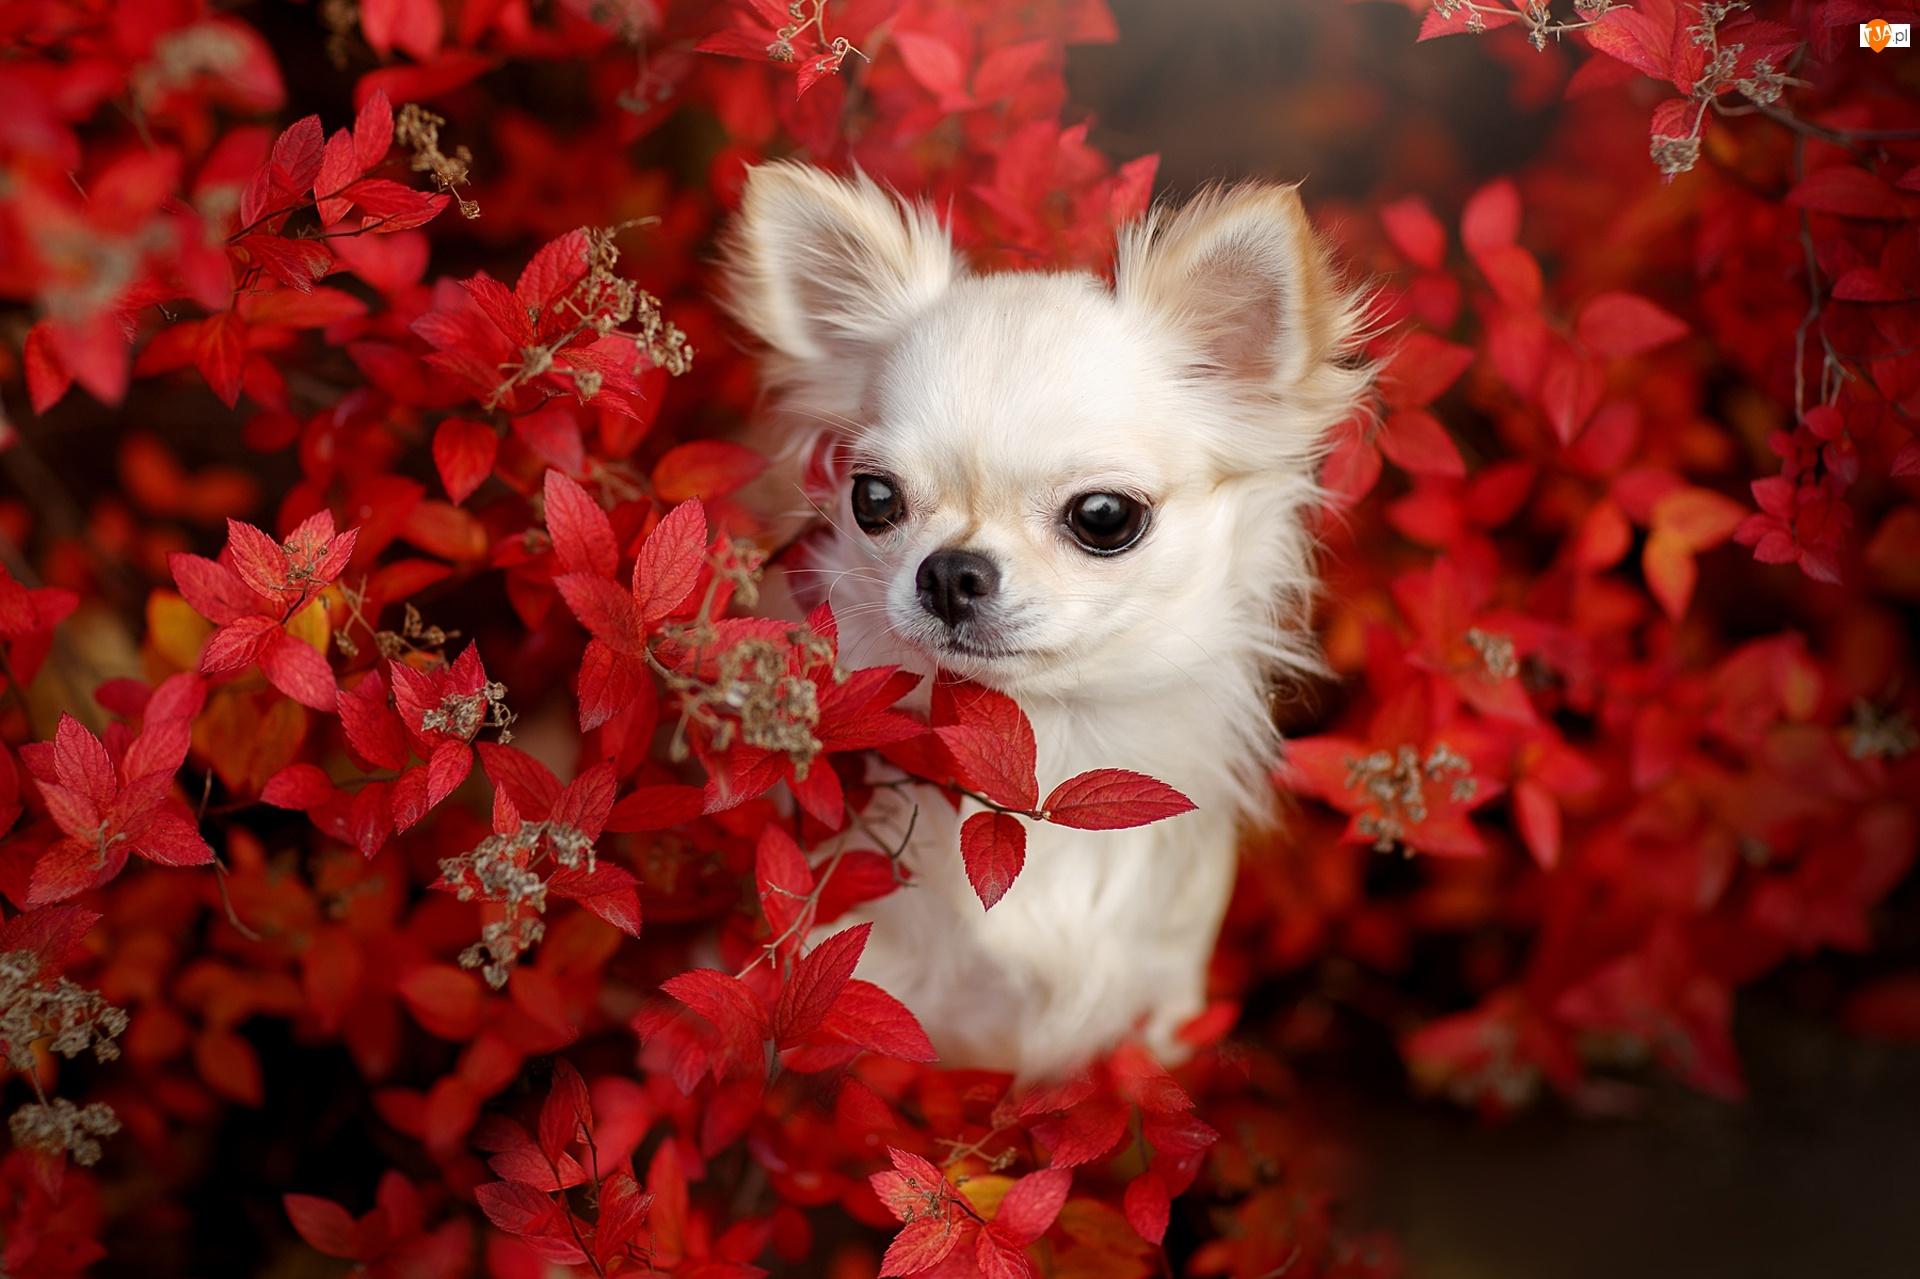 Krzew, Liście, Chihuahua, Pies, Czerwone